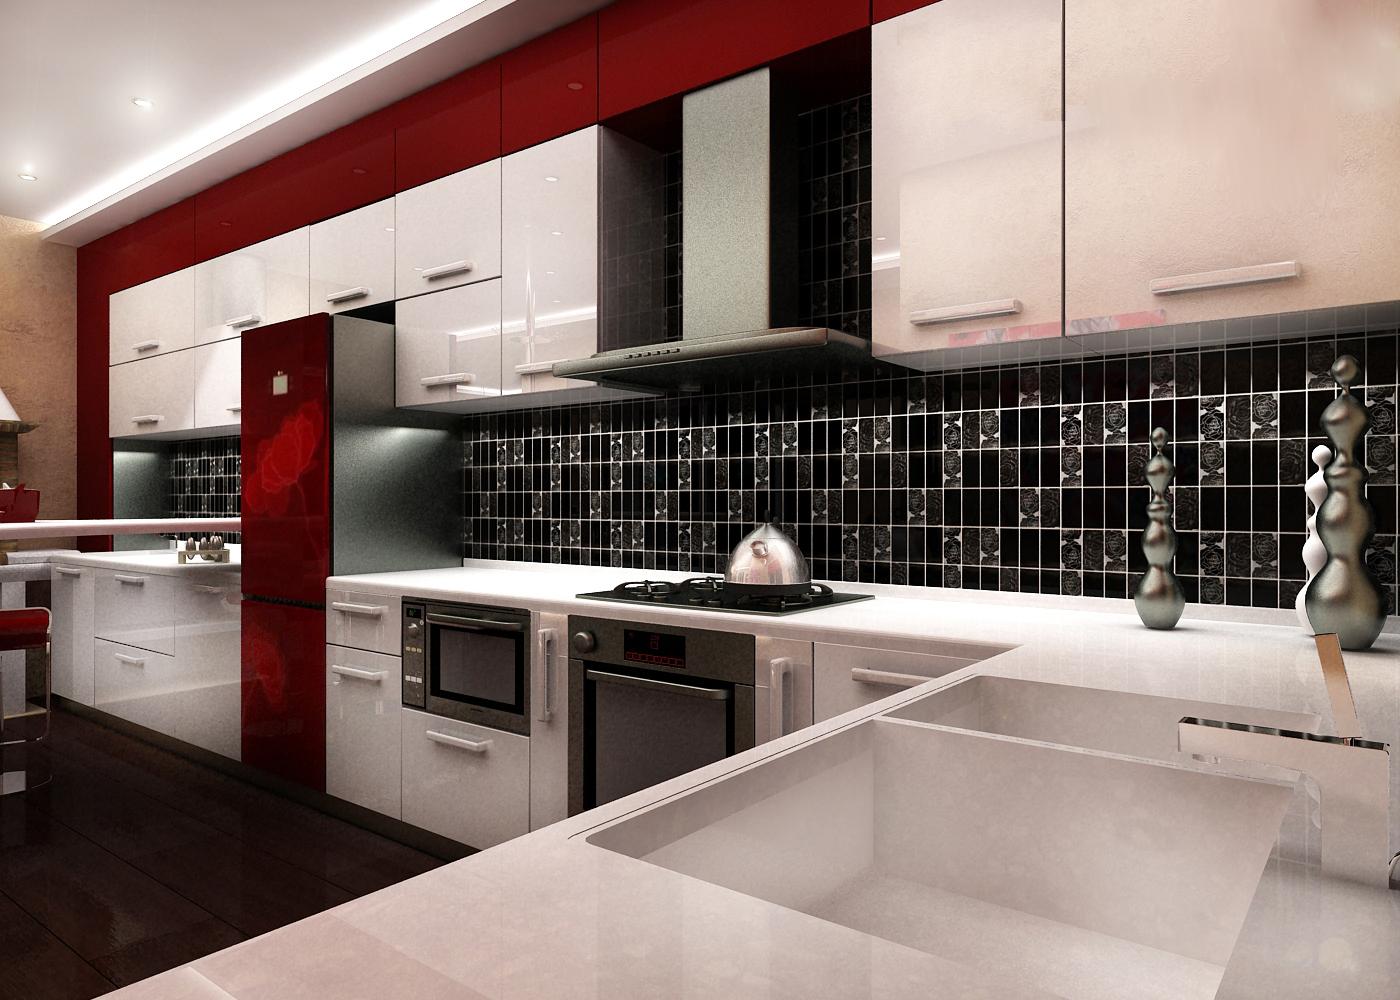 Правильно подобранная плитка-мозаика на кухонном фартуке